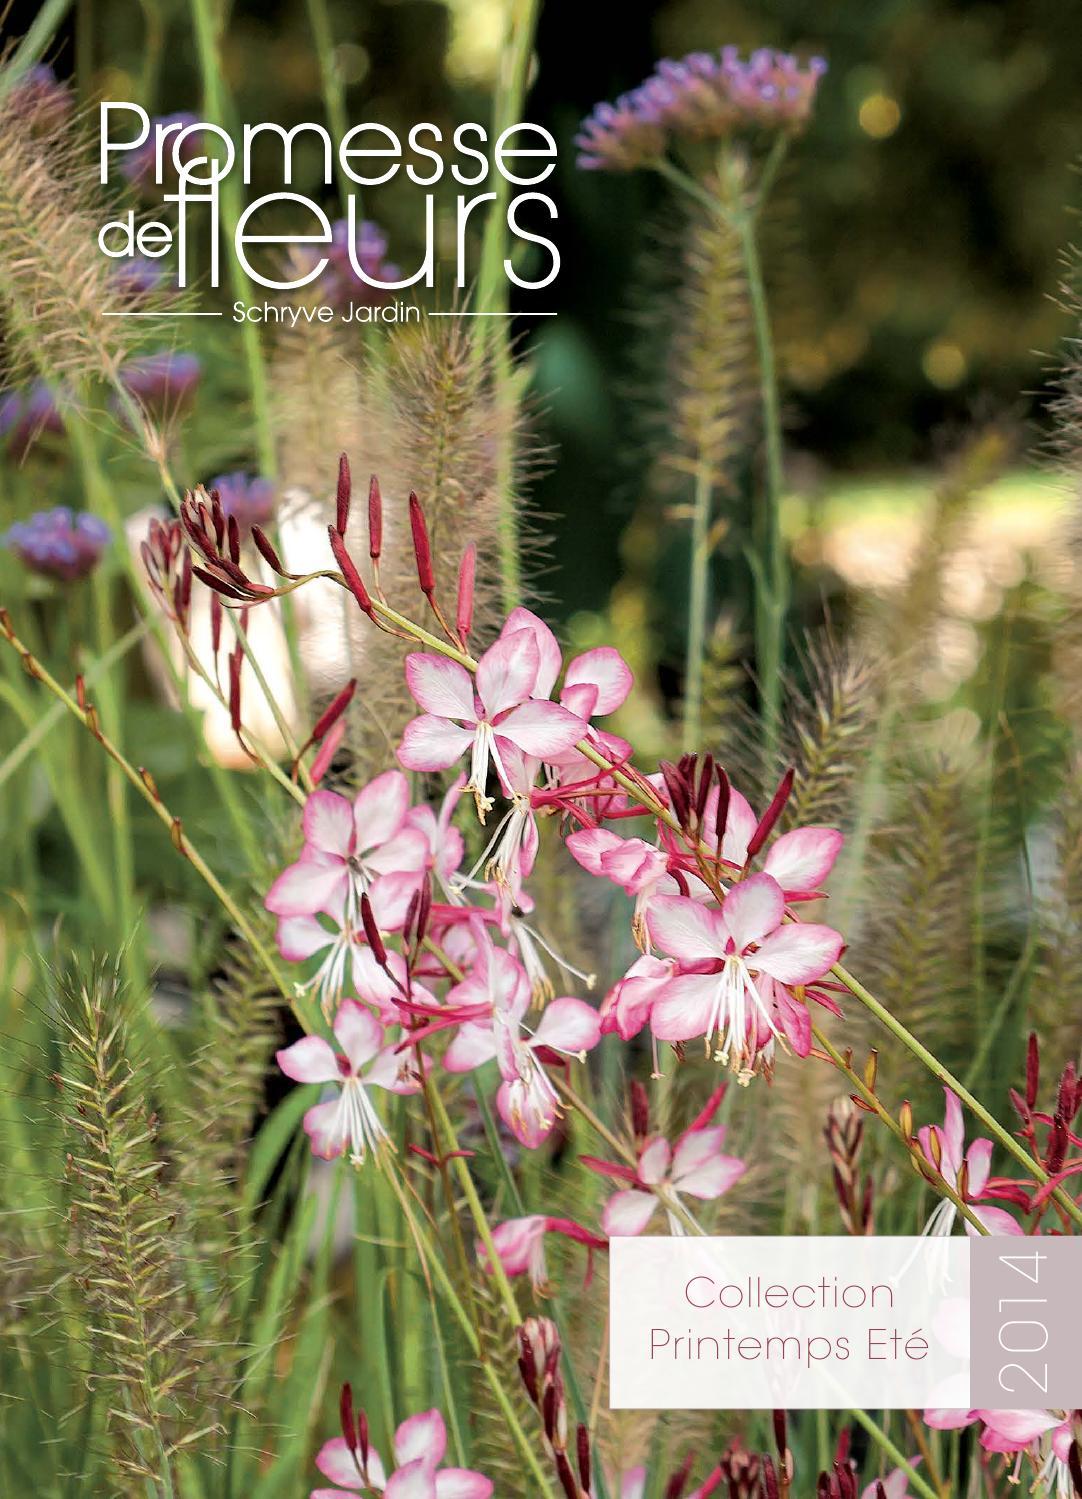 Catalogue promesse de fleurs pe 2014 by promesse de fleurs for Promesse de fleurs